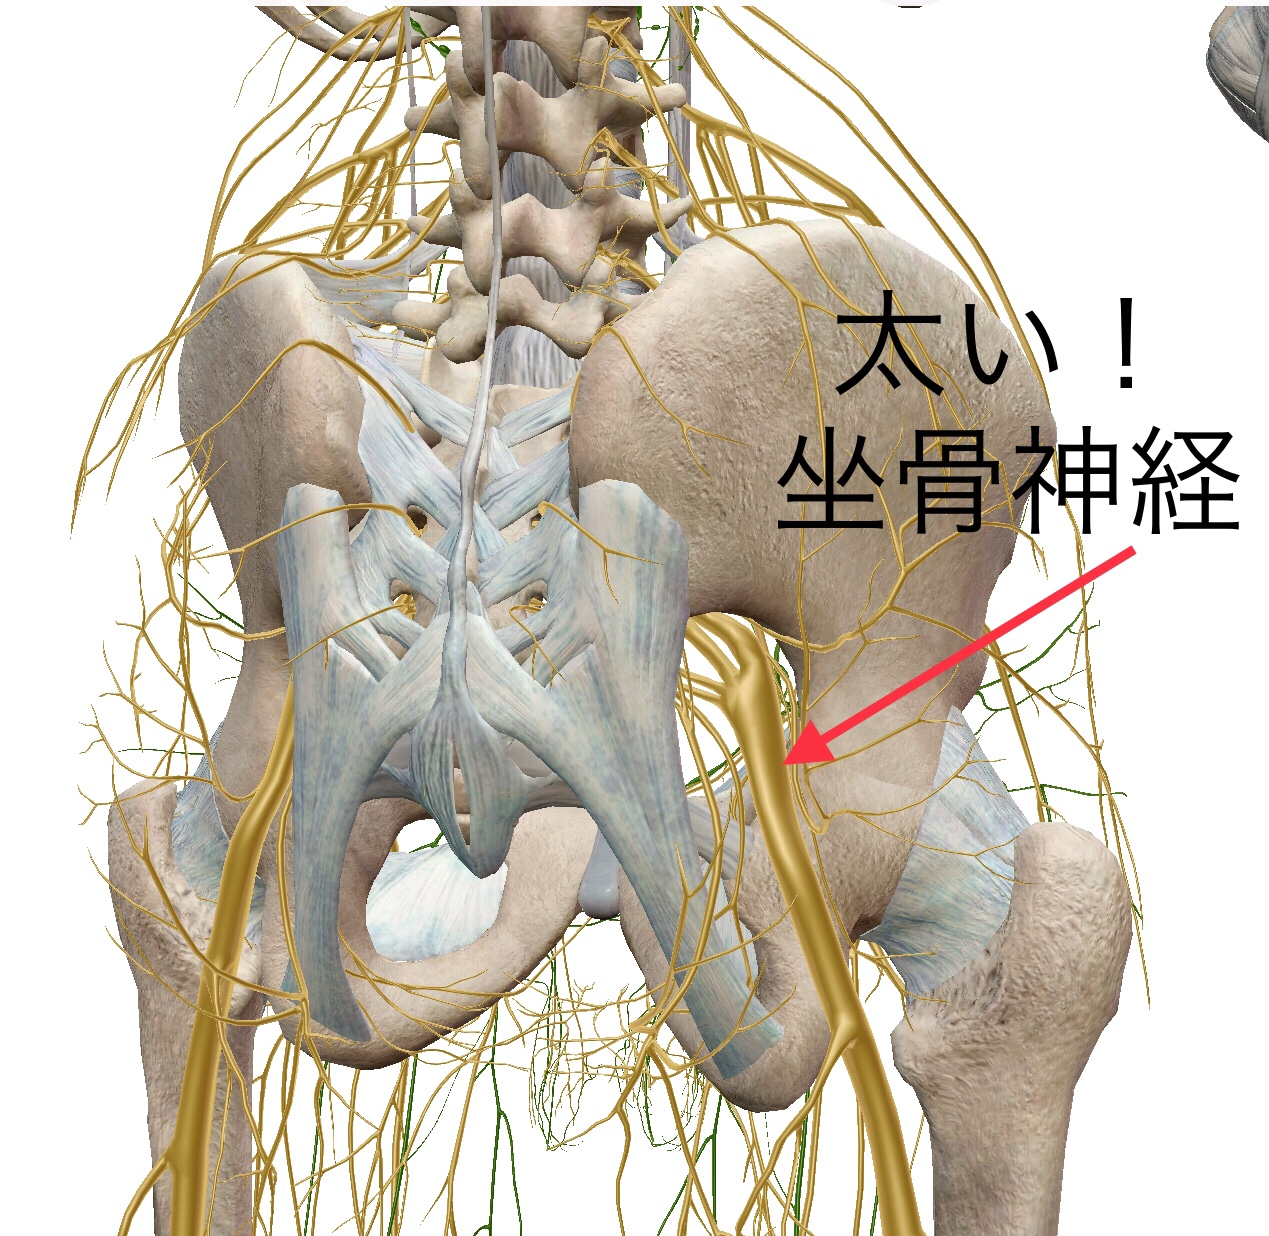 坐骨神経痛 | バイタルリアクトセラピー専門、大阪府豊中市の宮脇治療院